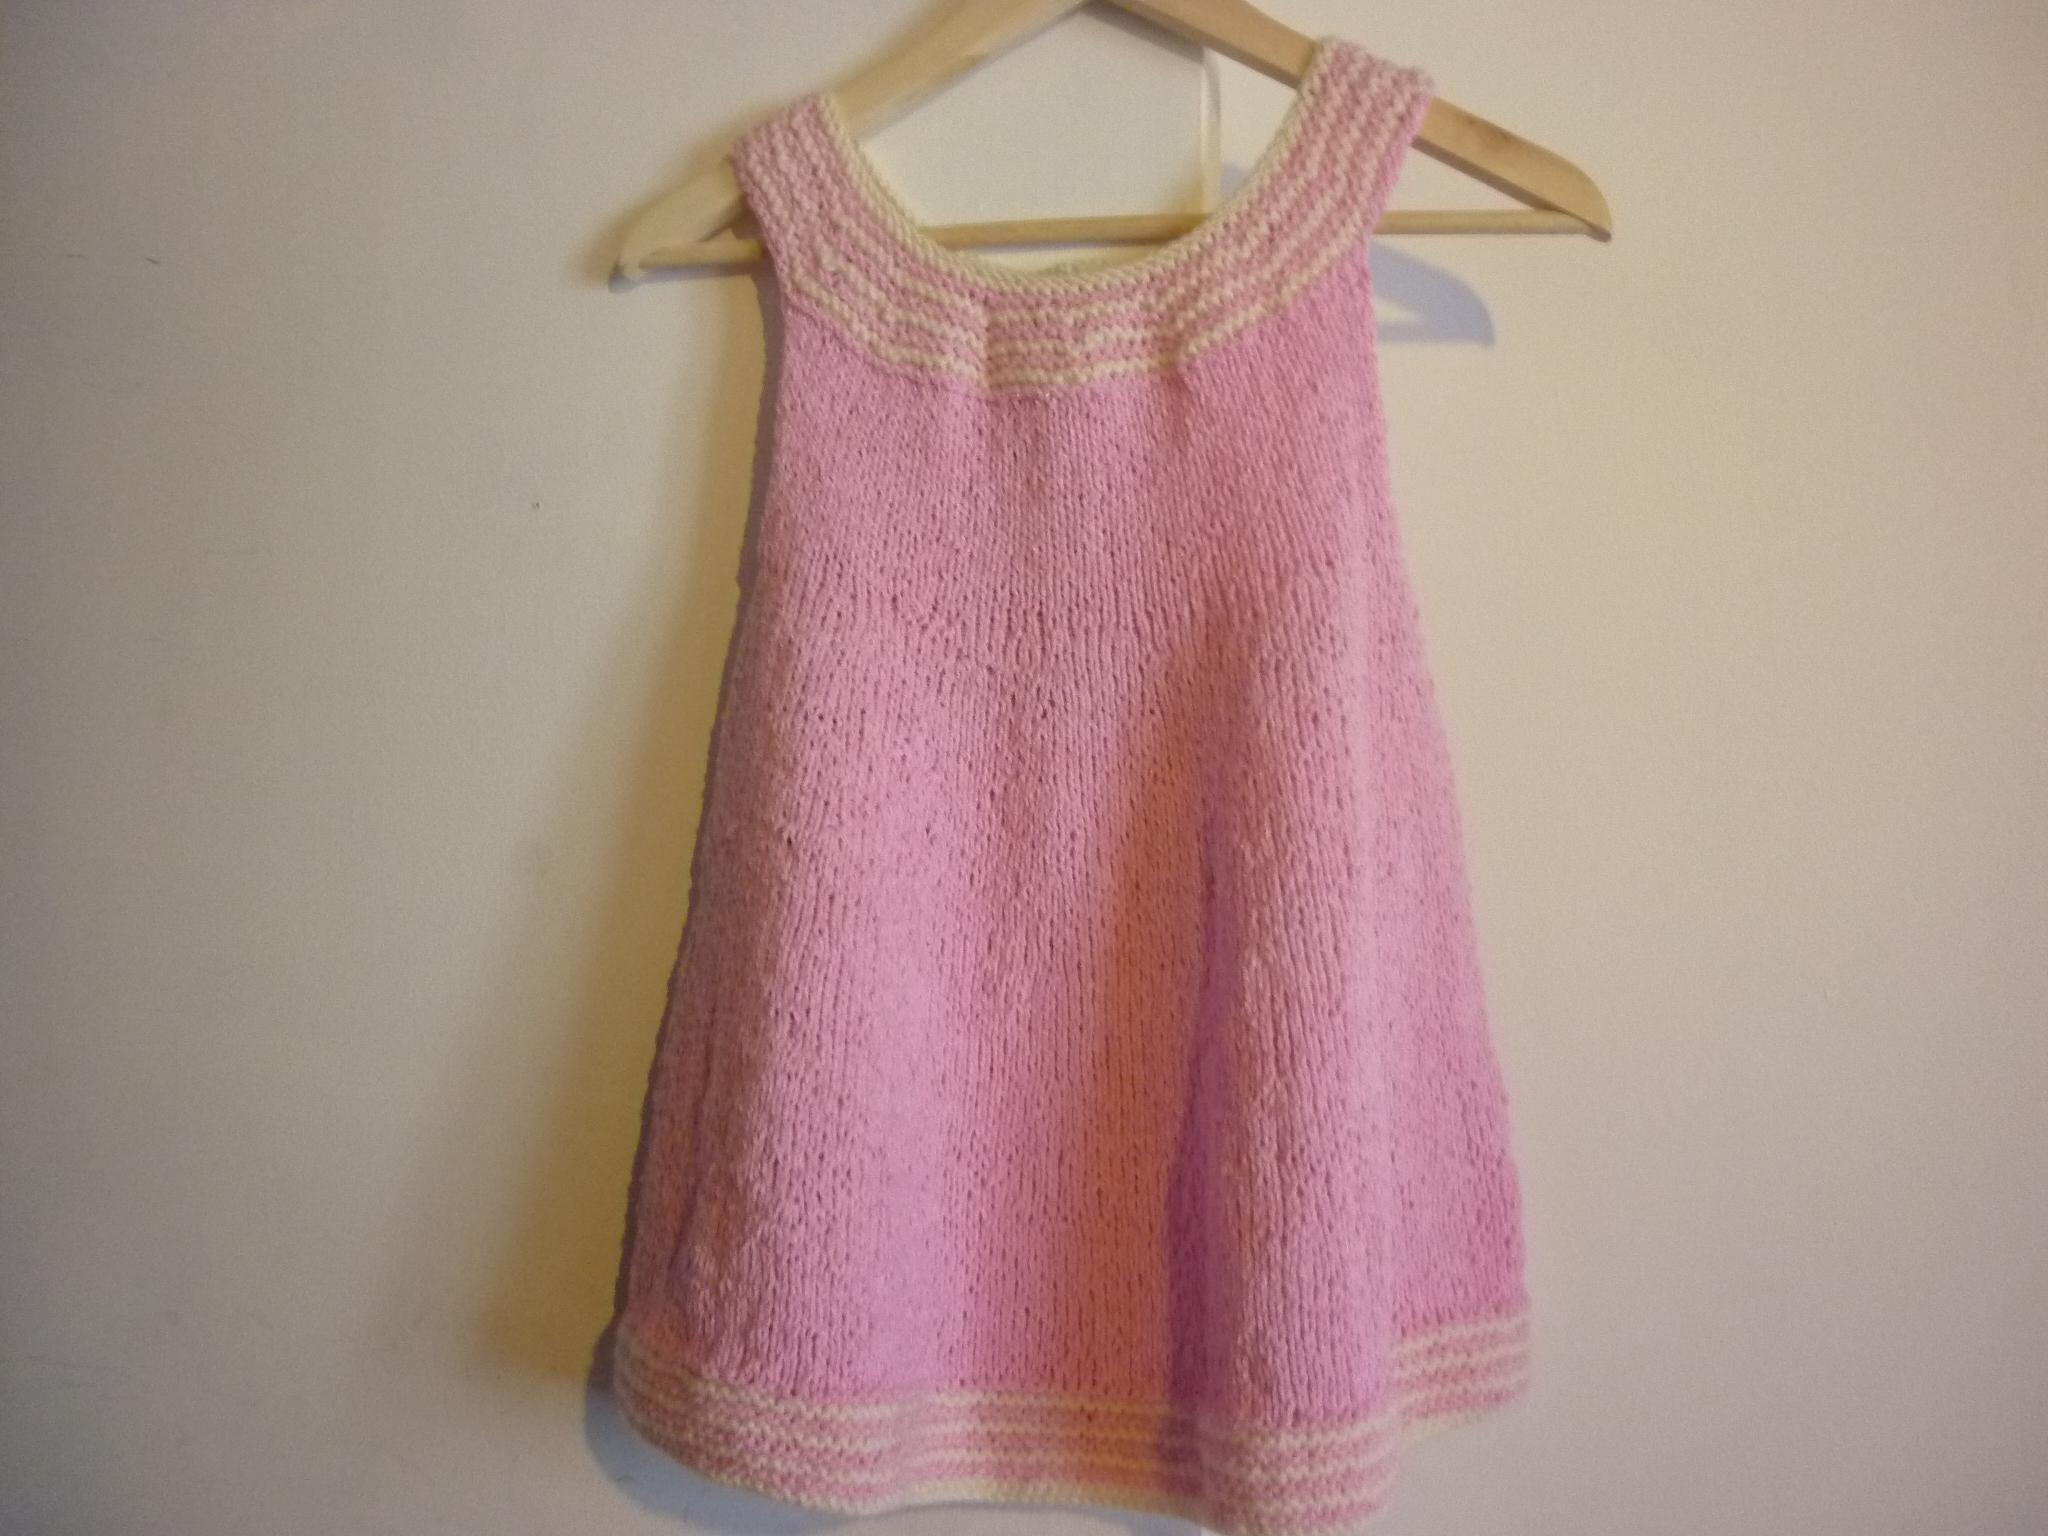 Tuto robe laine fille – Des vêtements élégants pour tous les jours b32bbe66a45